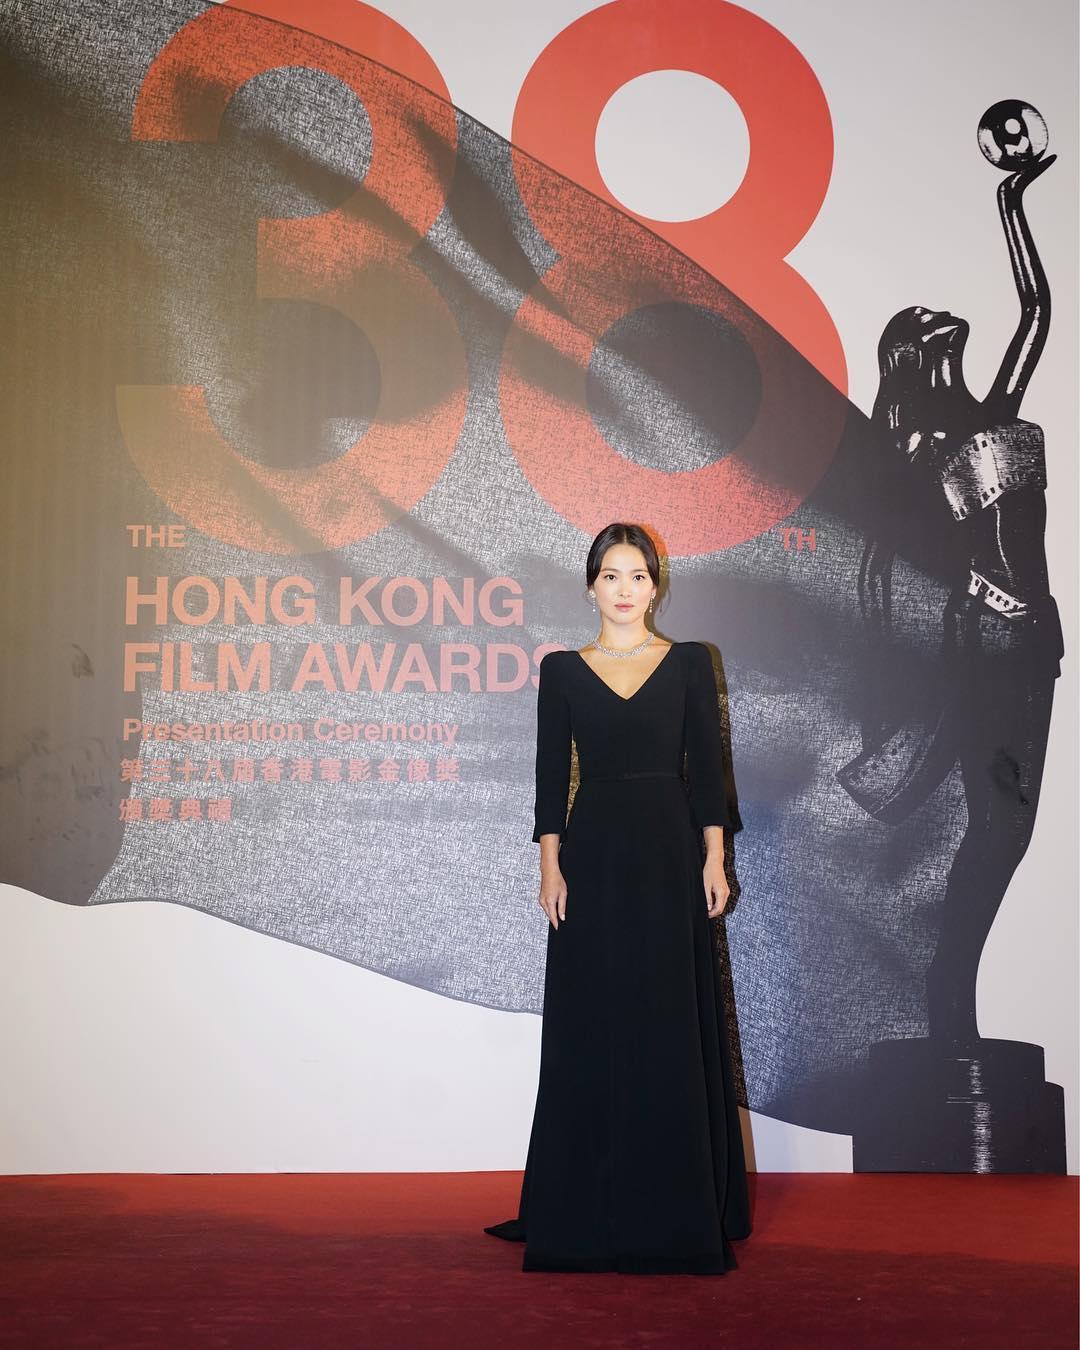 宋慧喬4月出席香港金像獎,並宣布簽約澤東電影,進軍中華電影圈。(翻攝自宋慧喬IG)